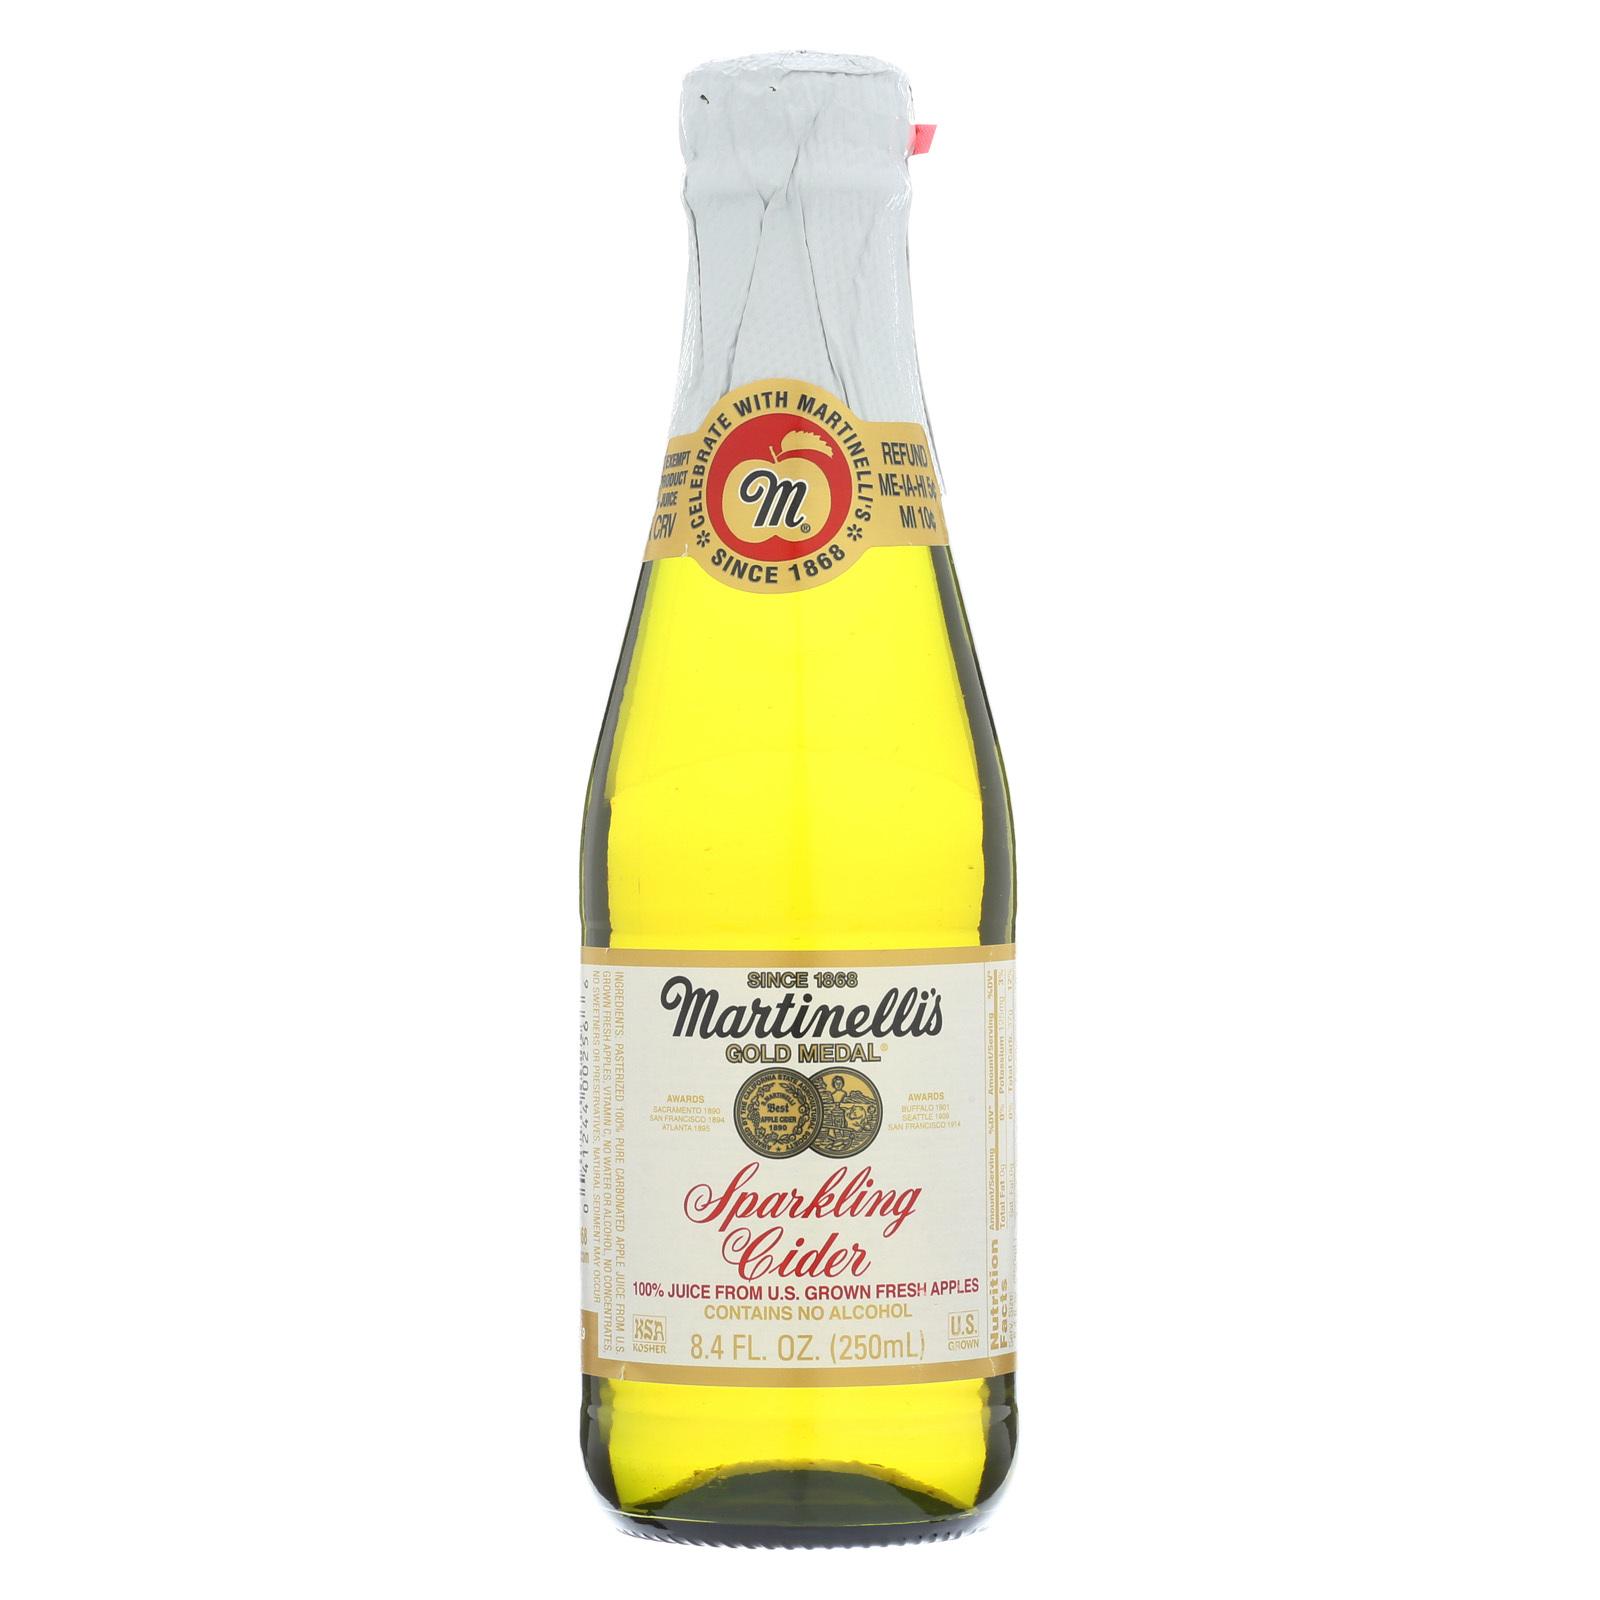 Martinelli's Sparkling Cider - Apple - Case of 12 - 8.4 Fl oz.